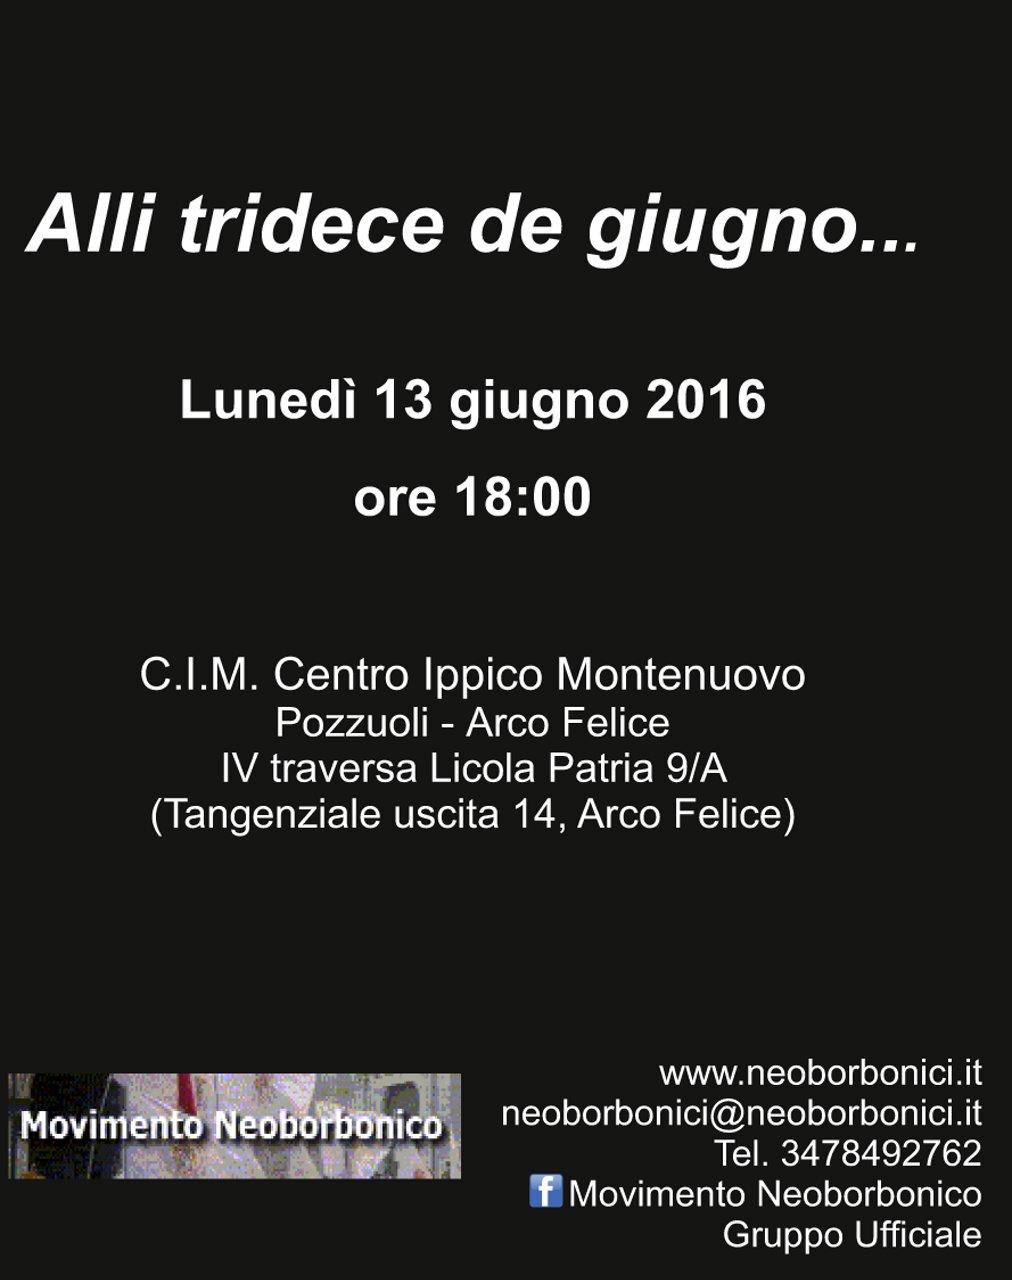 Invito_13giugno2016 1#001